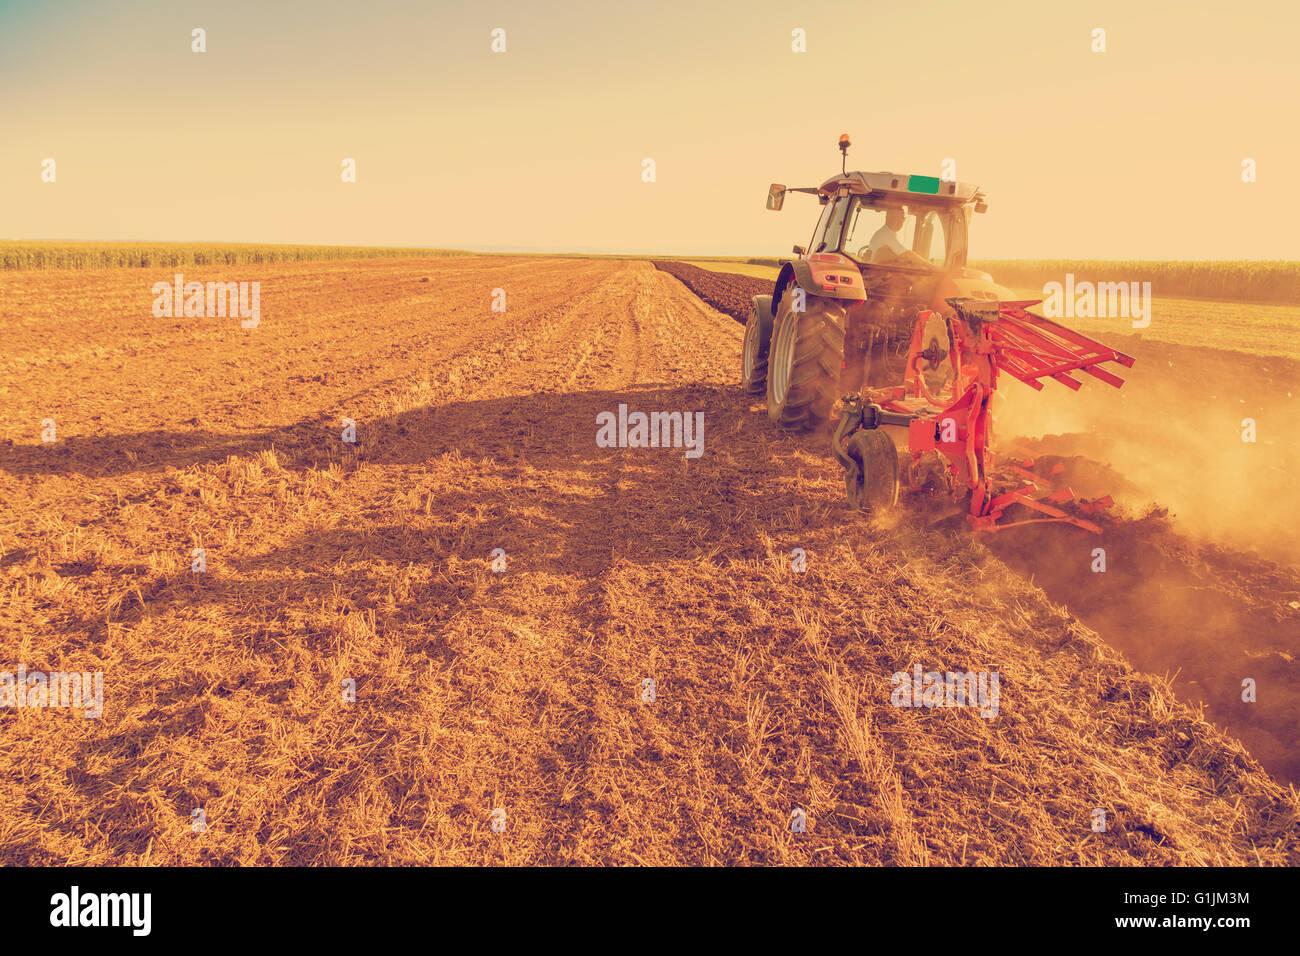 Landwirt Pflügen Stoppelfeld mit roten Traktor, Foto manipuliert, um alte Kreuz Verarbeitung Xpro Look zu erzielen. Stockbild